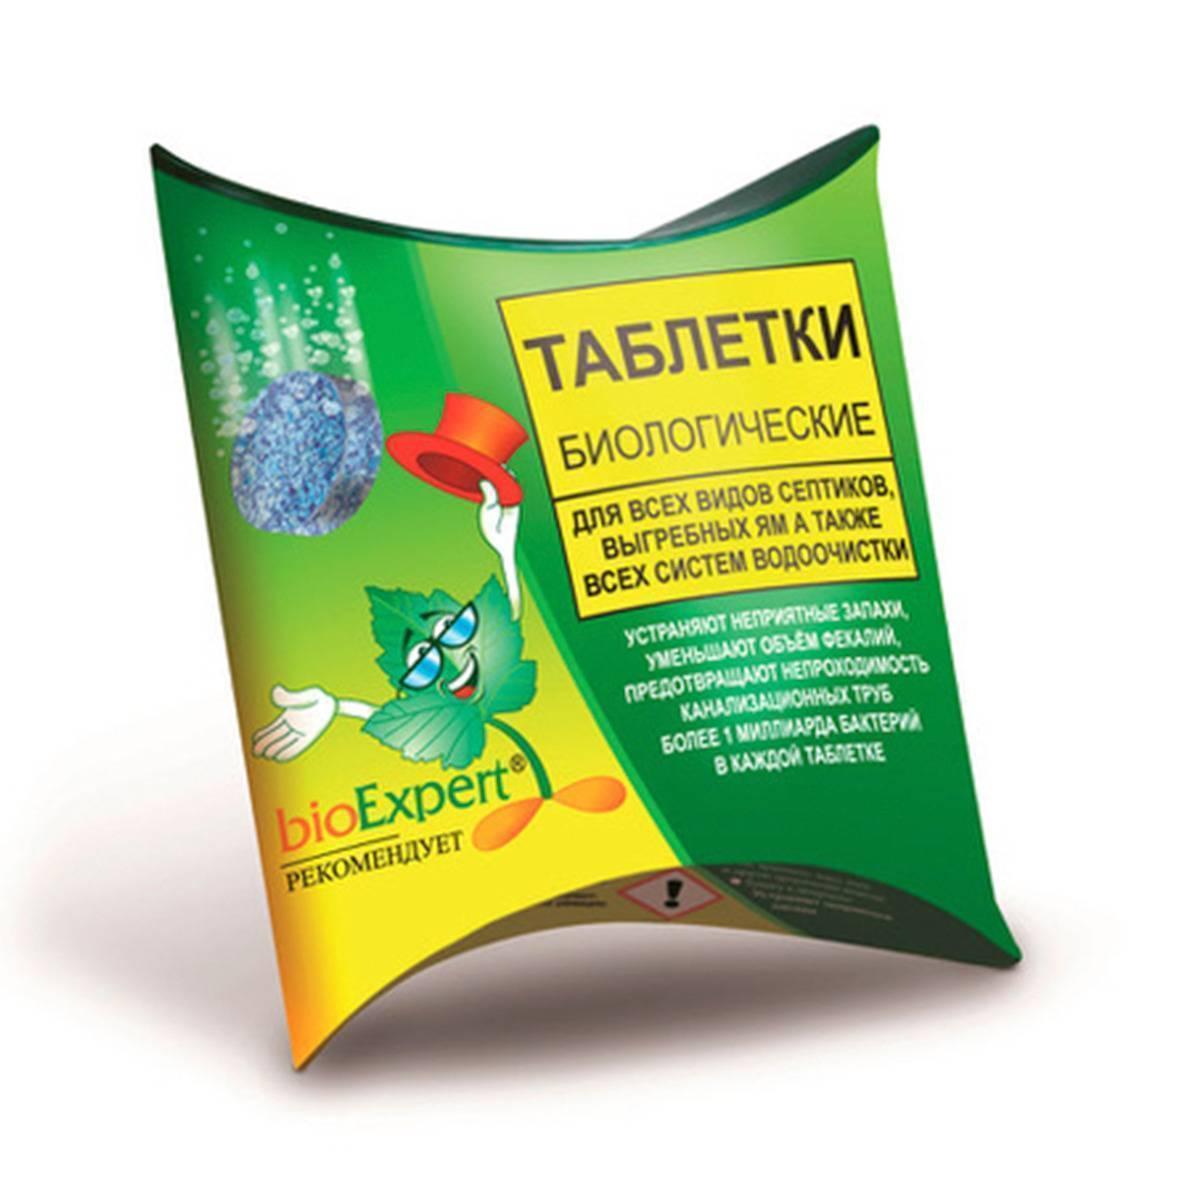 Лучшие бактерии для септиков и выгребных ям: топ-10 эффективных продуктов для улучшения работы очистных систем